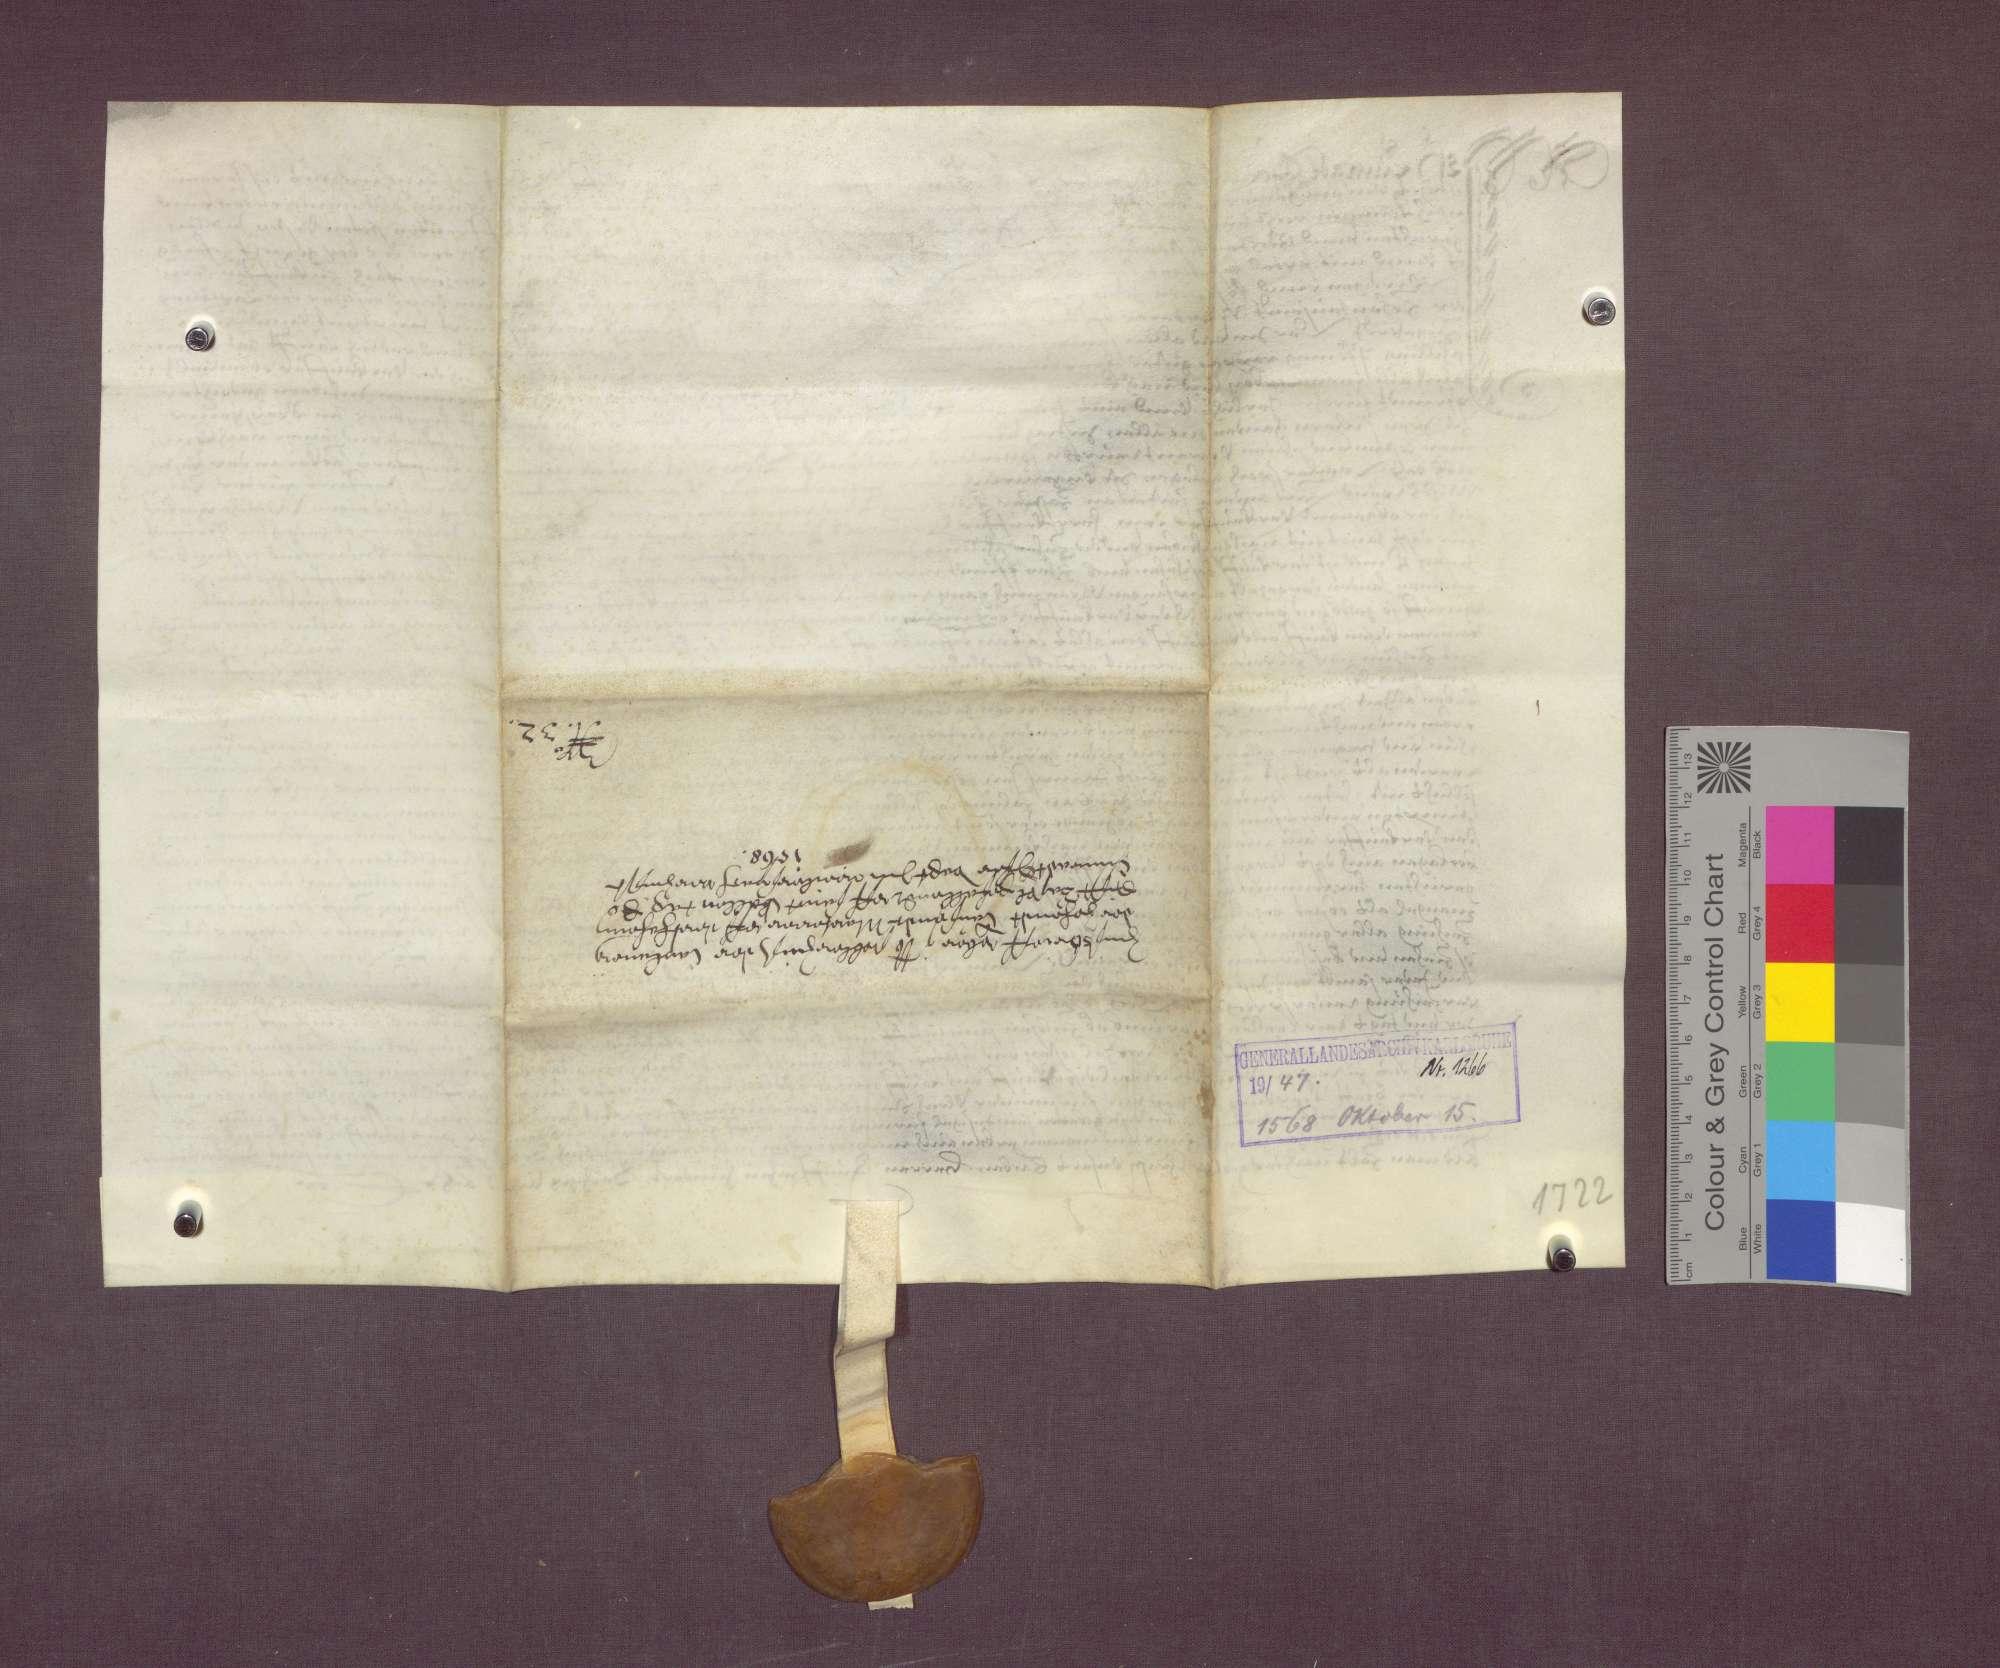 Gültverschreibung des Konrad Tiser zu Weilersbach gegenüber der 10.000 Märtyrer-Pfründe am Basler Domstift., Bild 2